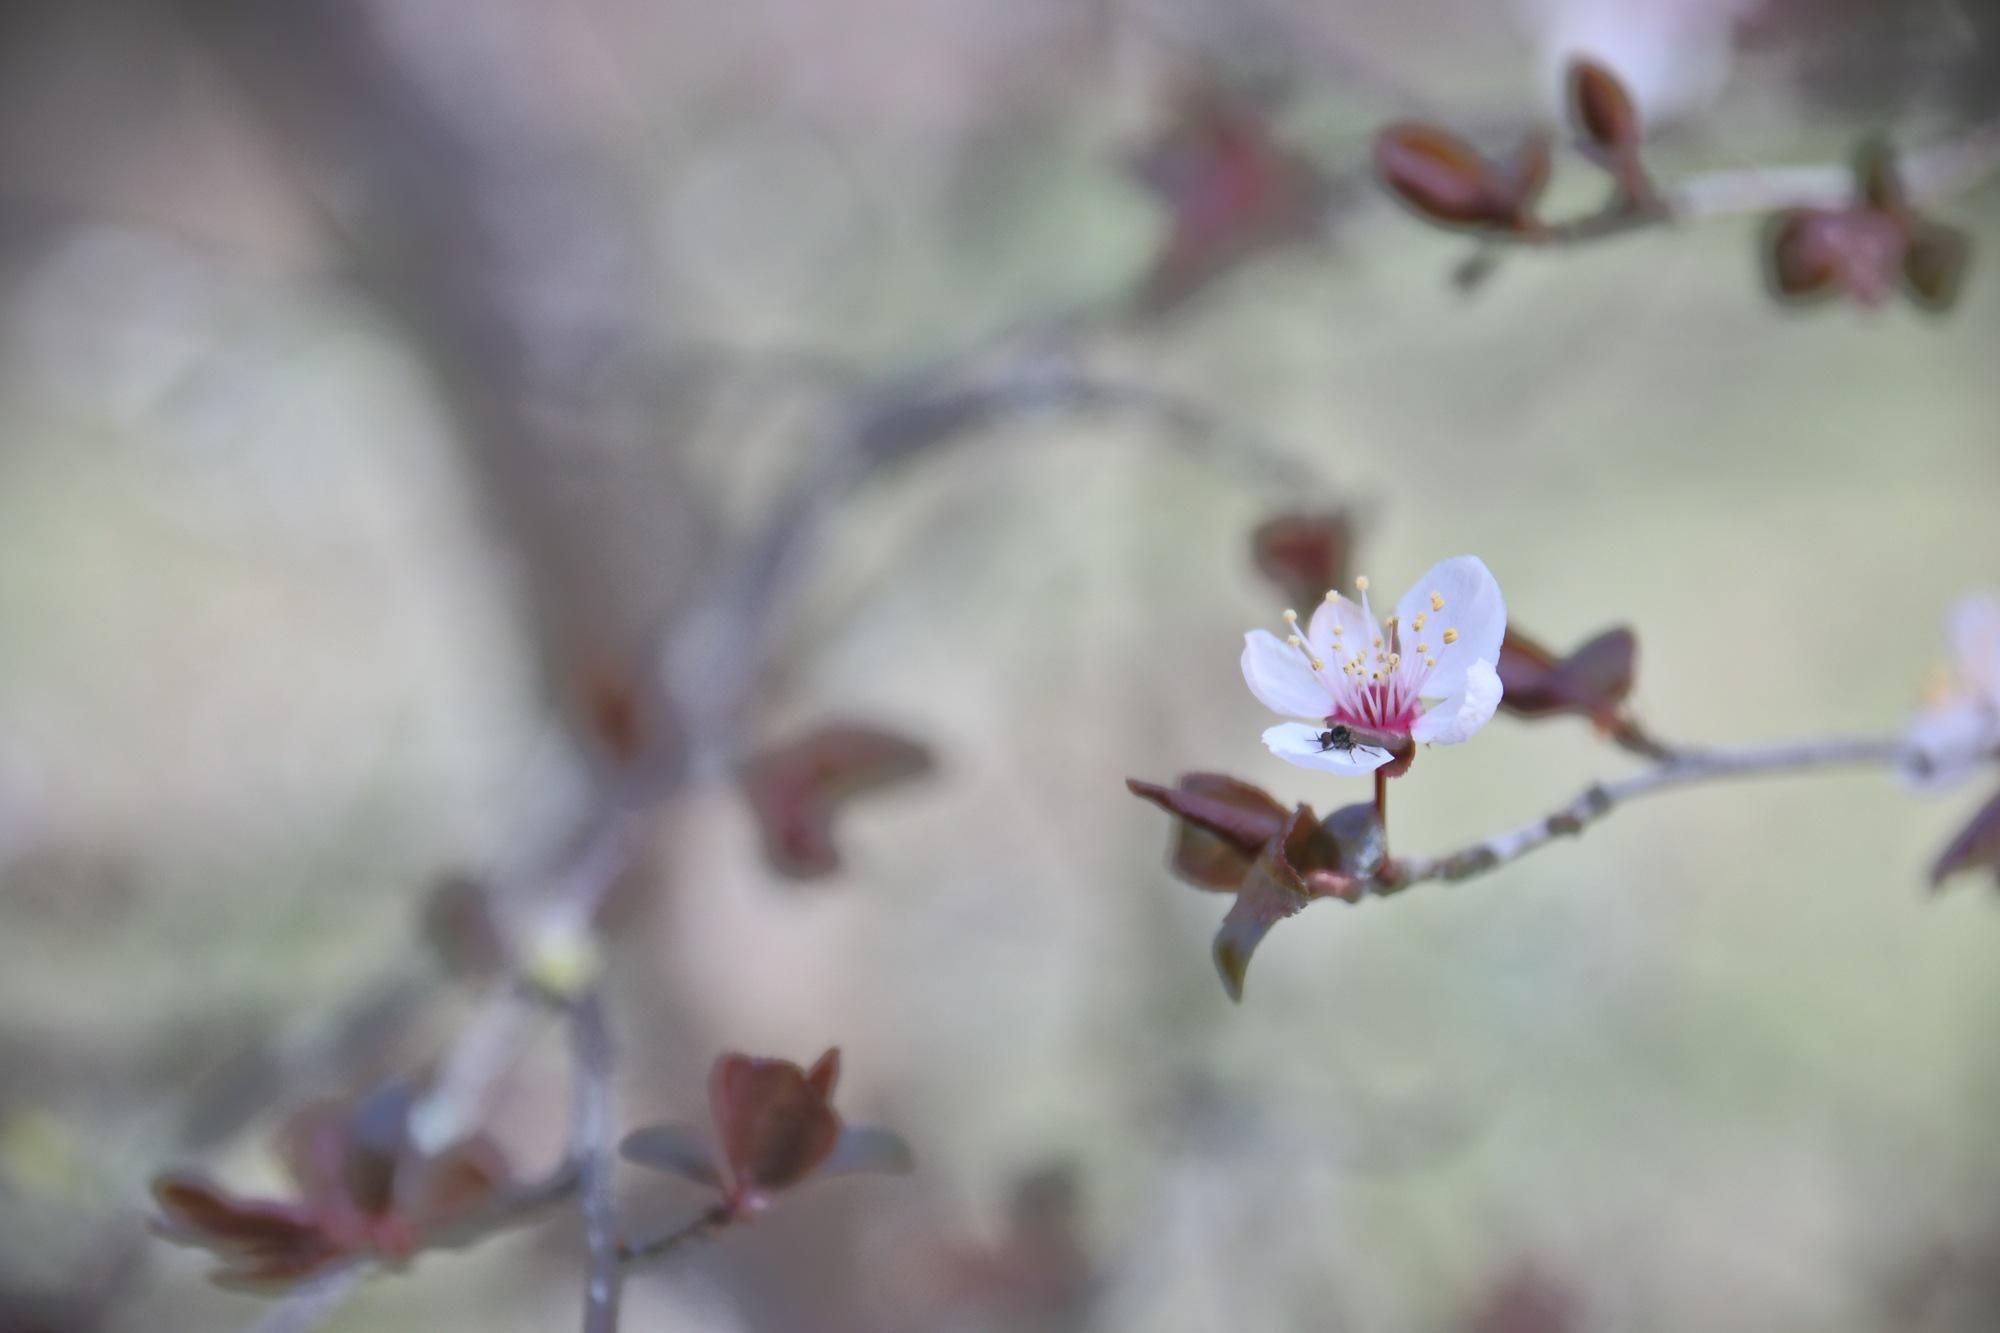 Flowers of plum trees by Marie Kri